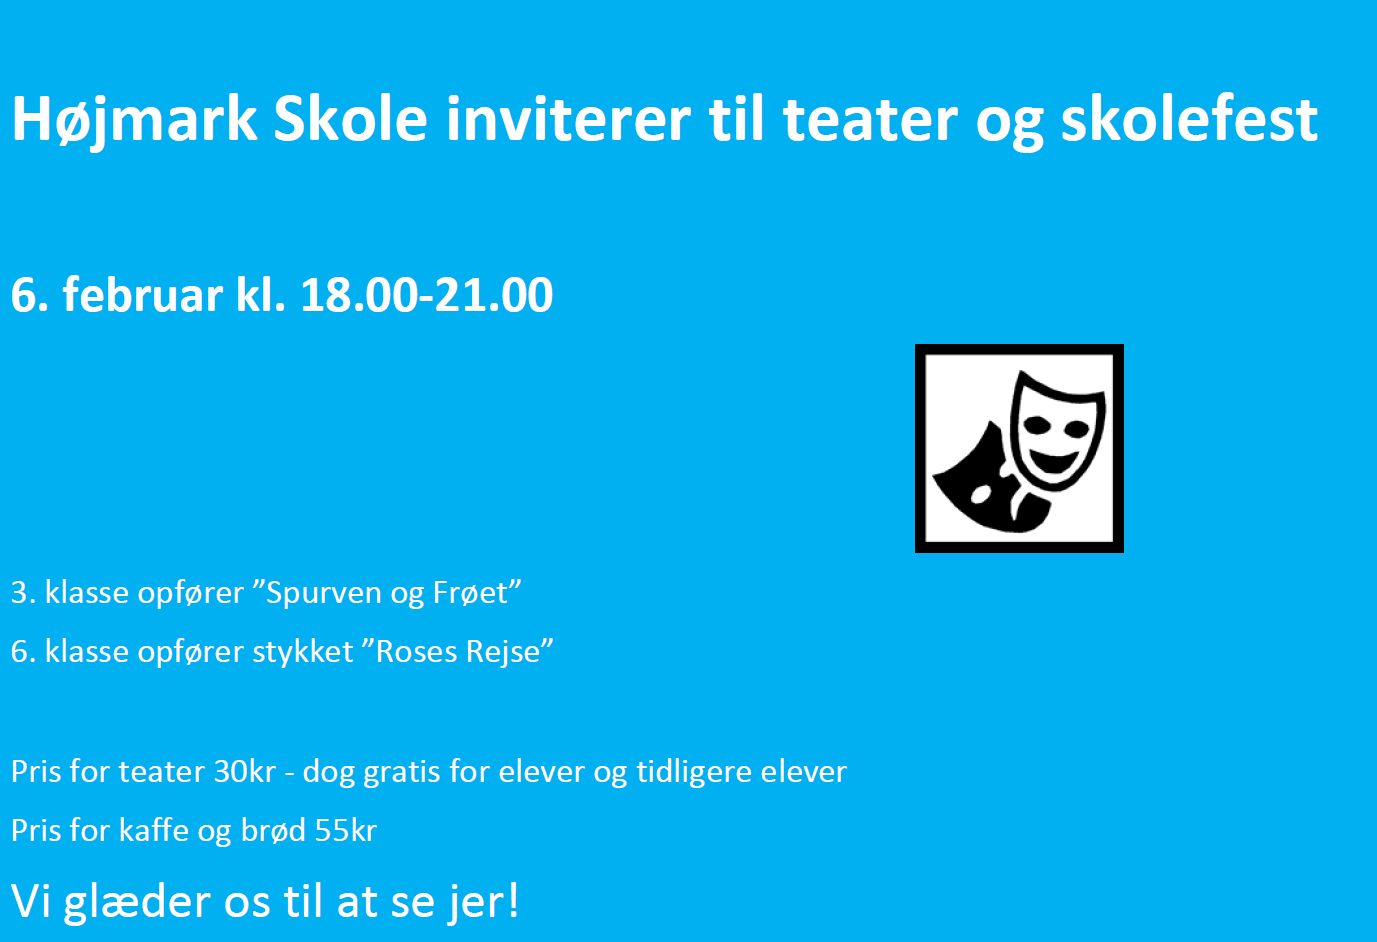 Højmark Skole inviterer til teater og skolefest 6. februar kl. 18.00-21.00 @ Højmark Skole